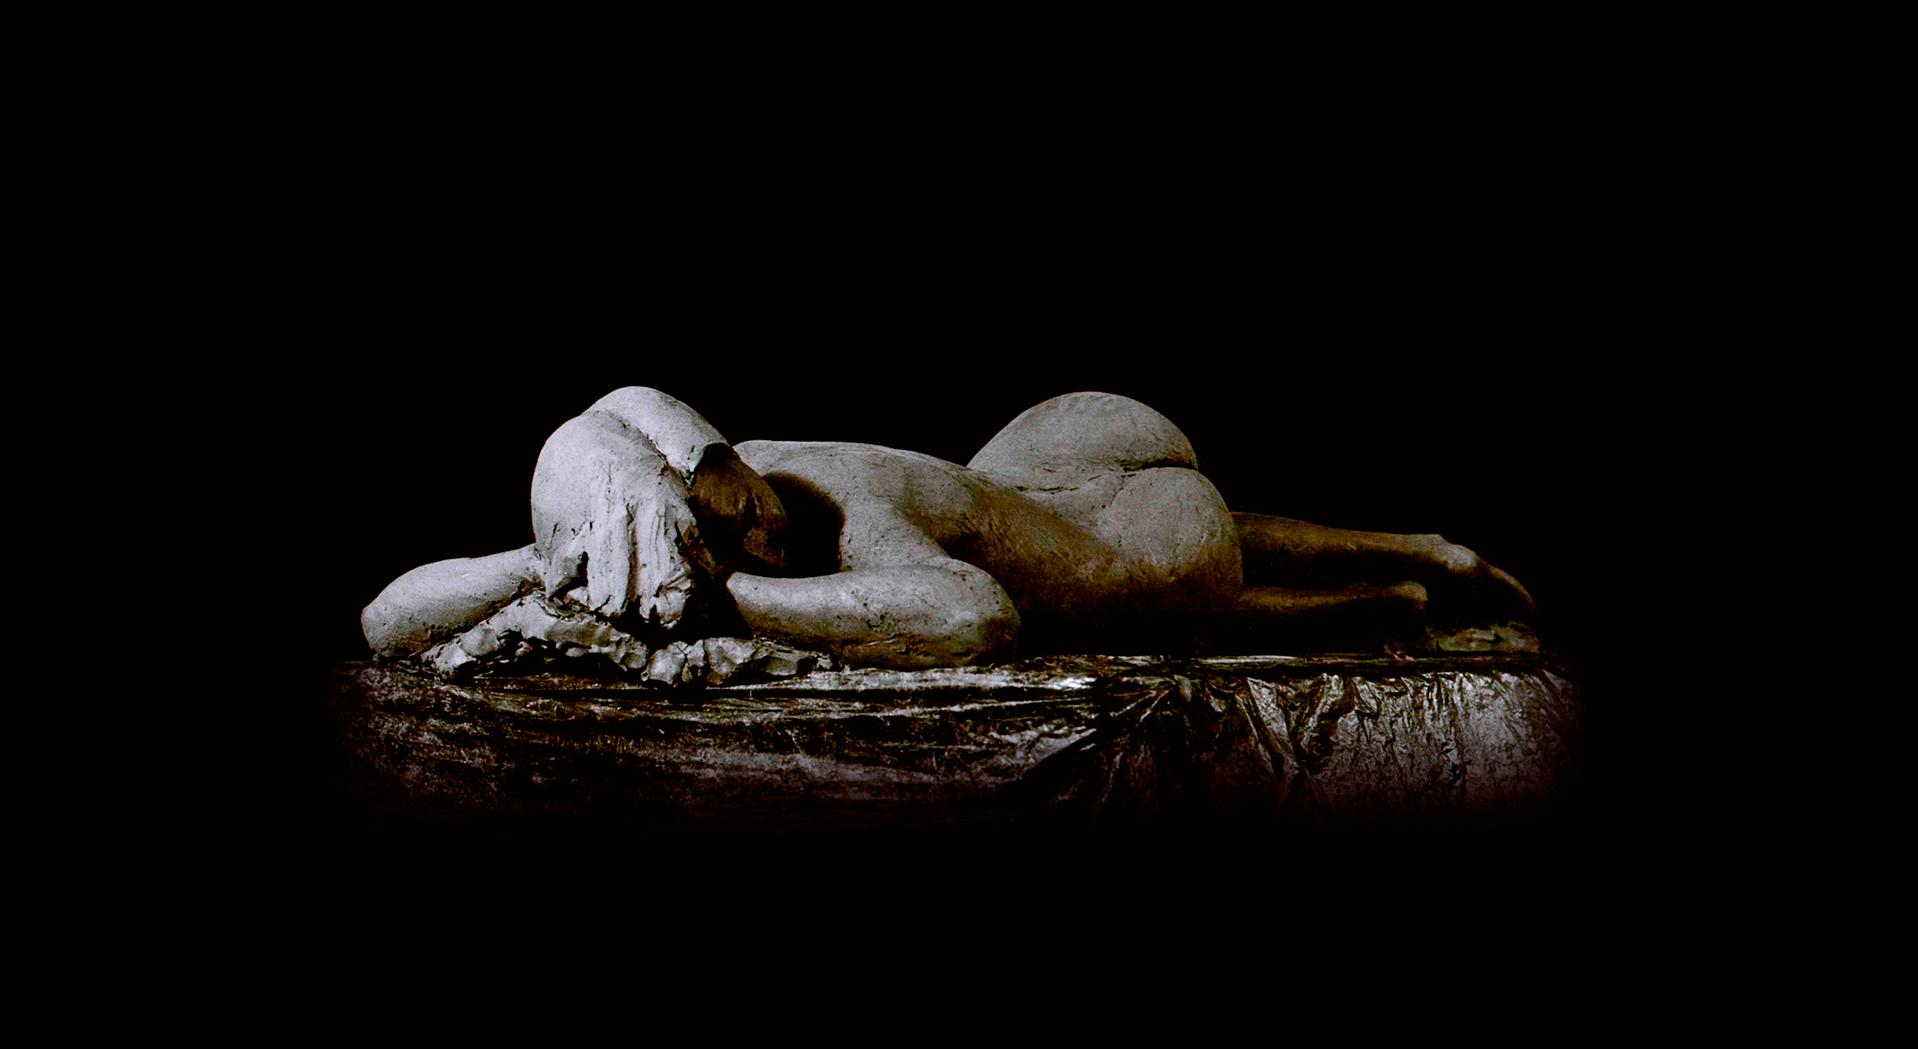 Escultura-Figurativo-realista- Mujer-tumbada-RD.Escultor